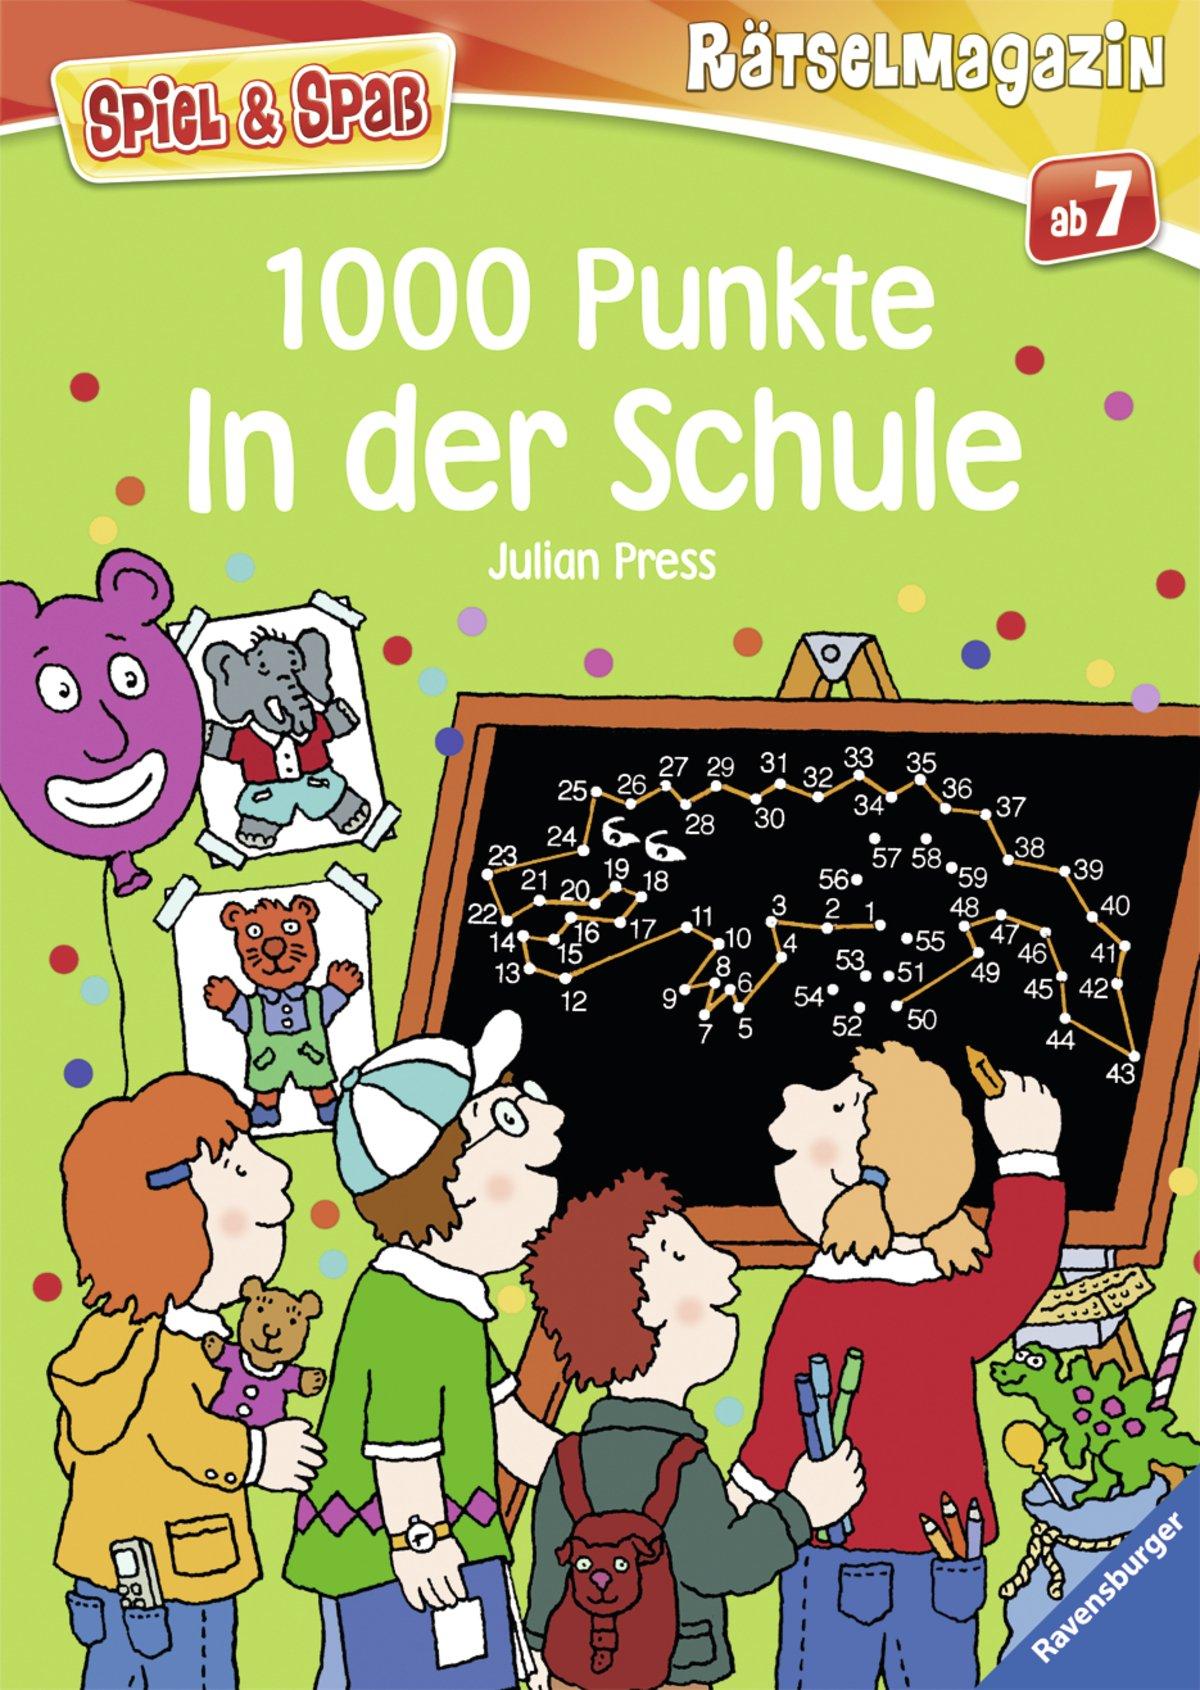 1000 Punkte: In der Schule (Spiel & Spaß - Rätselmagazin)